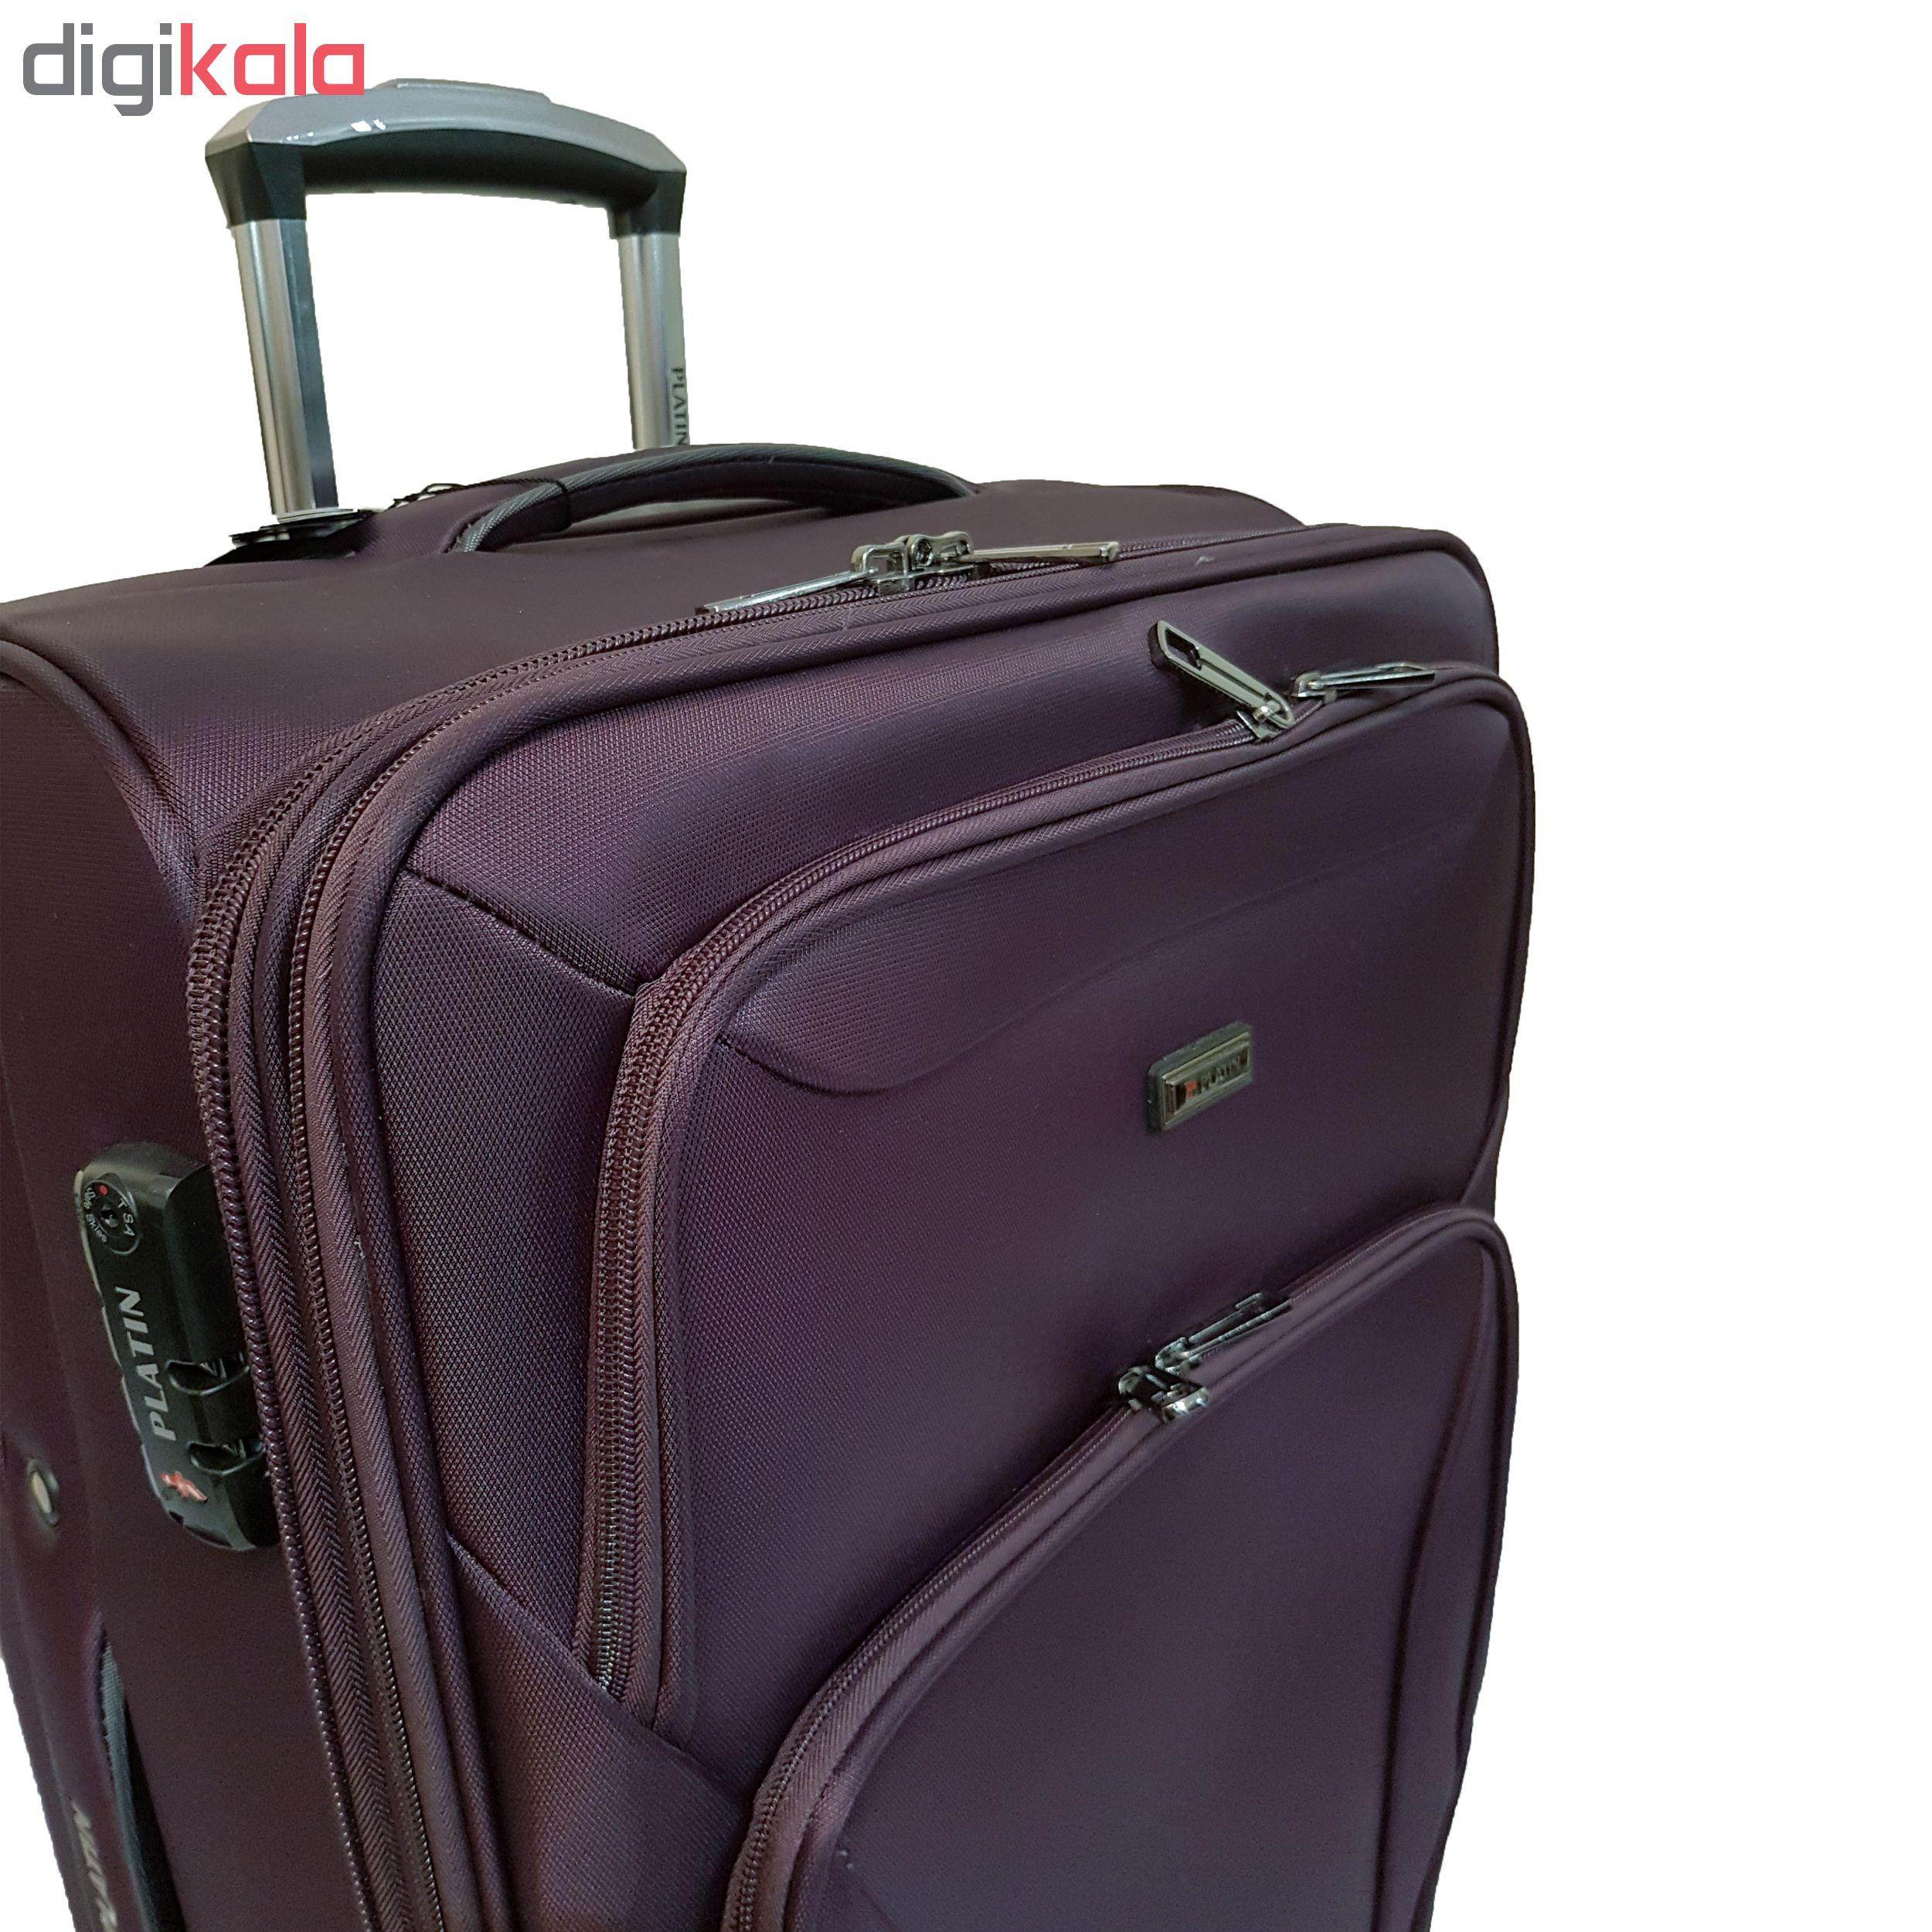 مجموعه سه عددی چمدان پلاتین کد 001